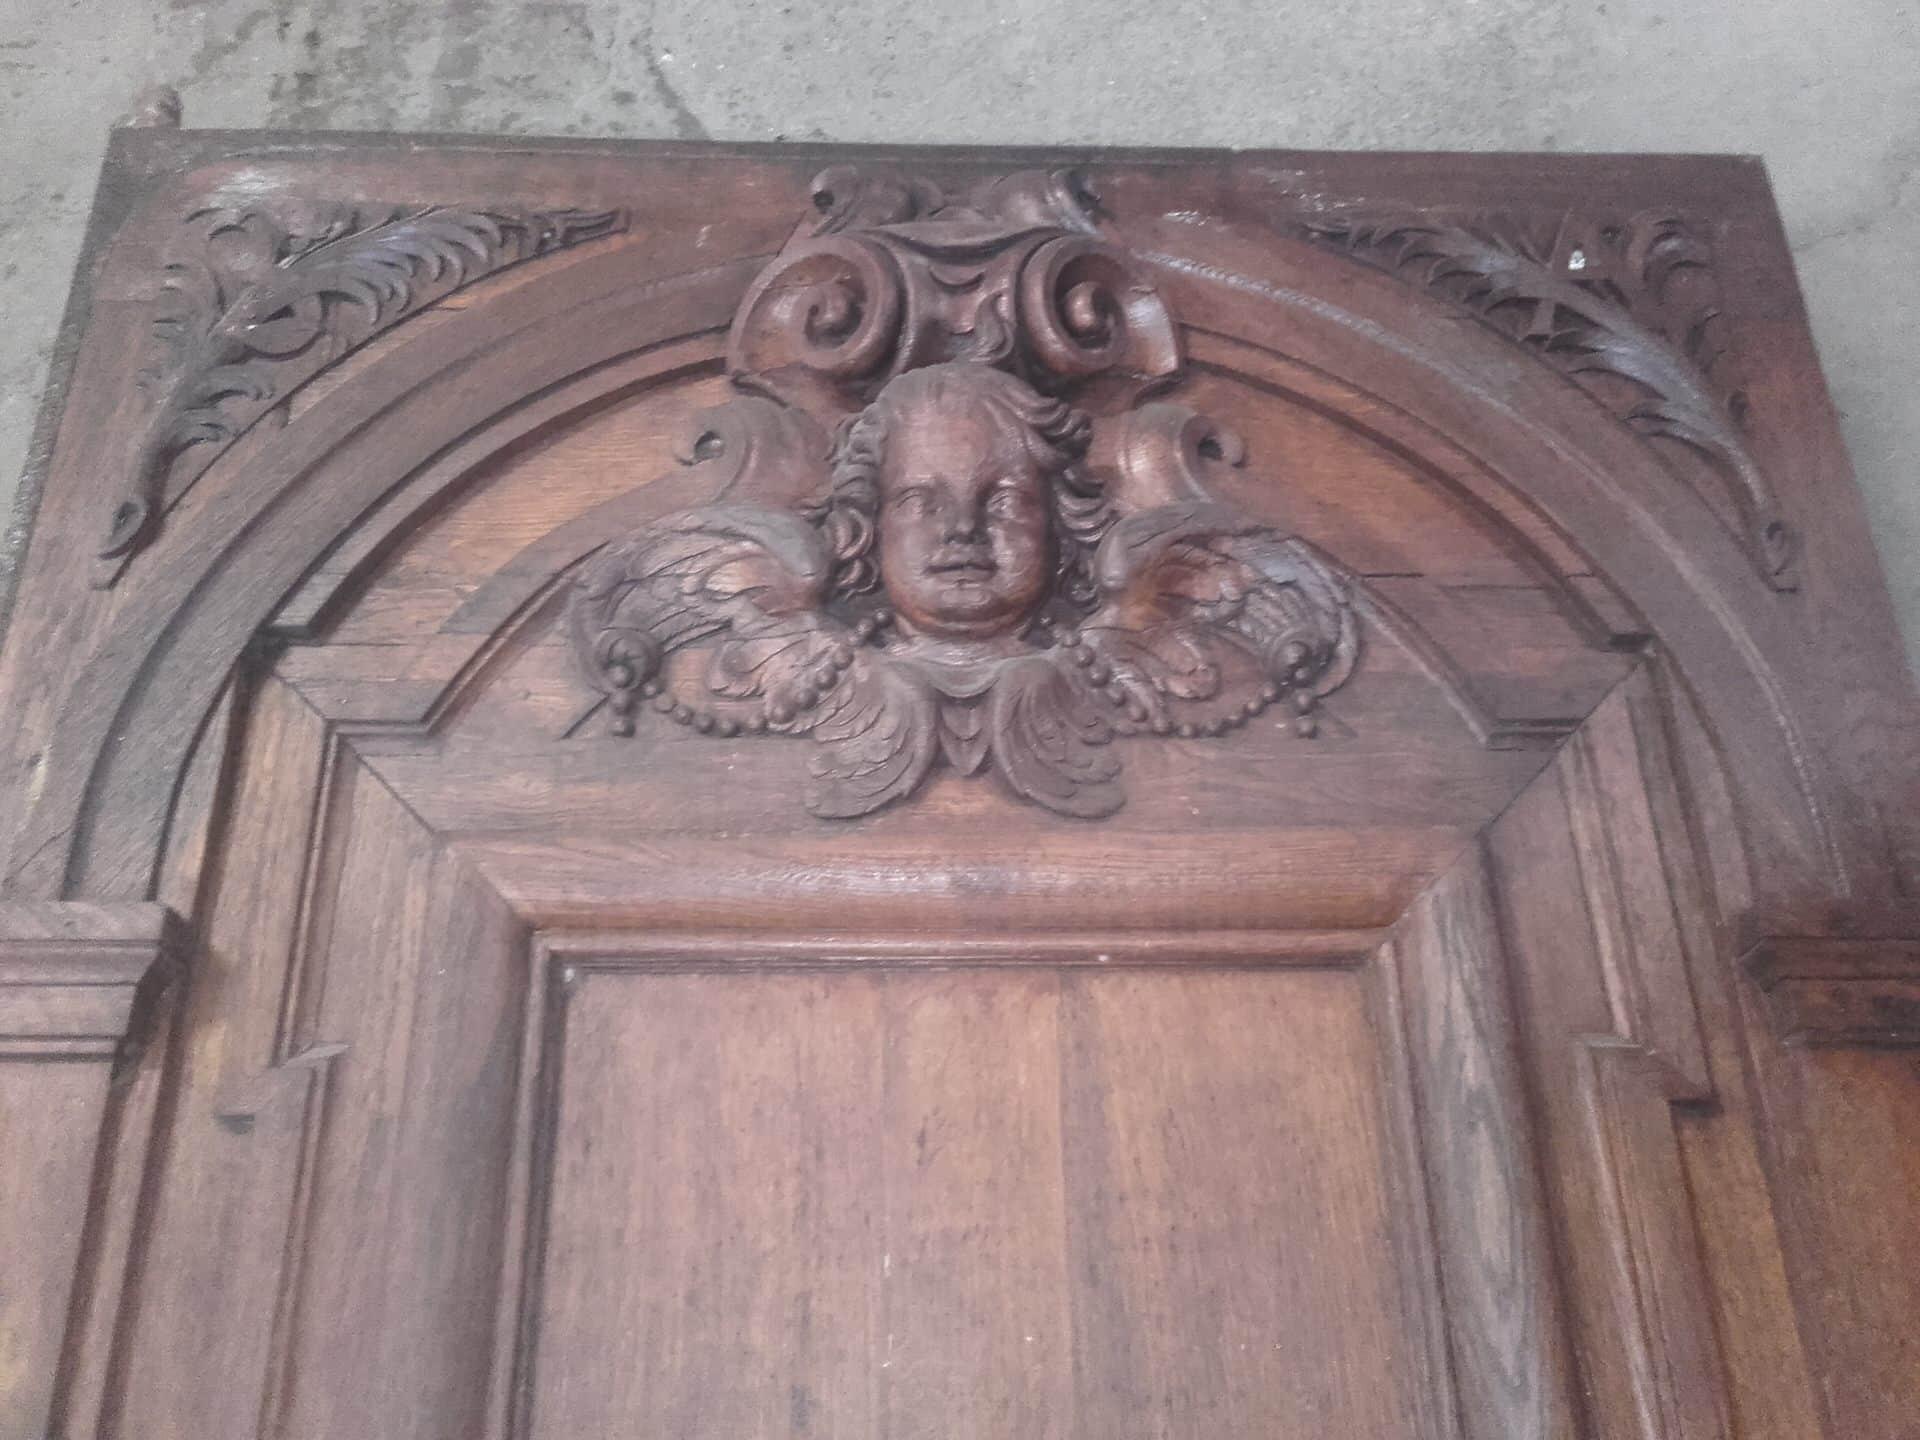 angelot sur porte en bois sculptée